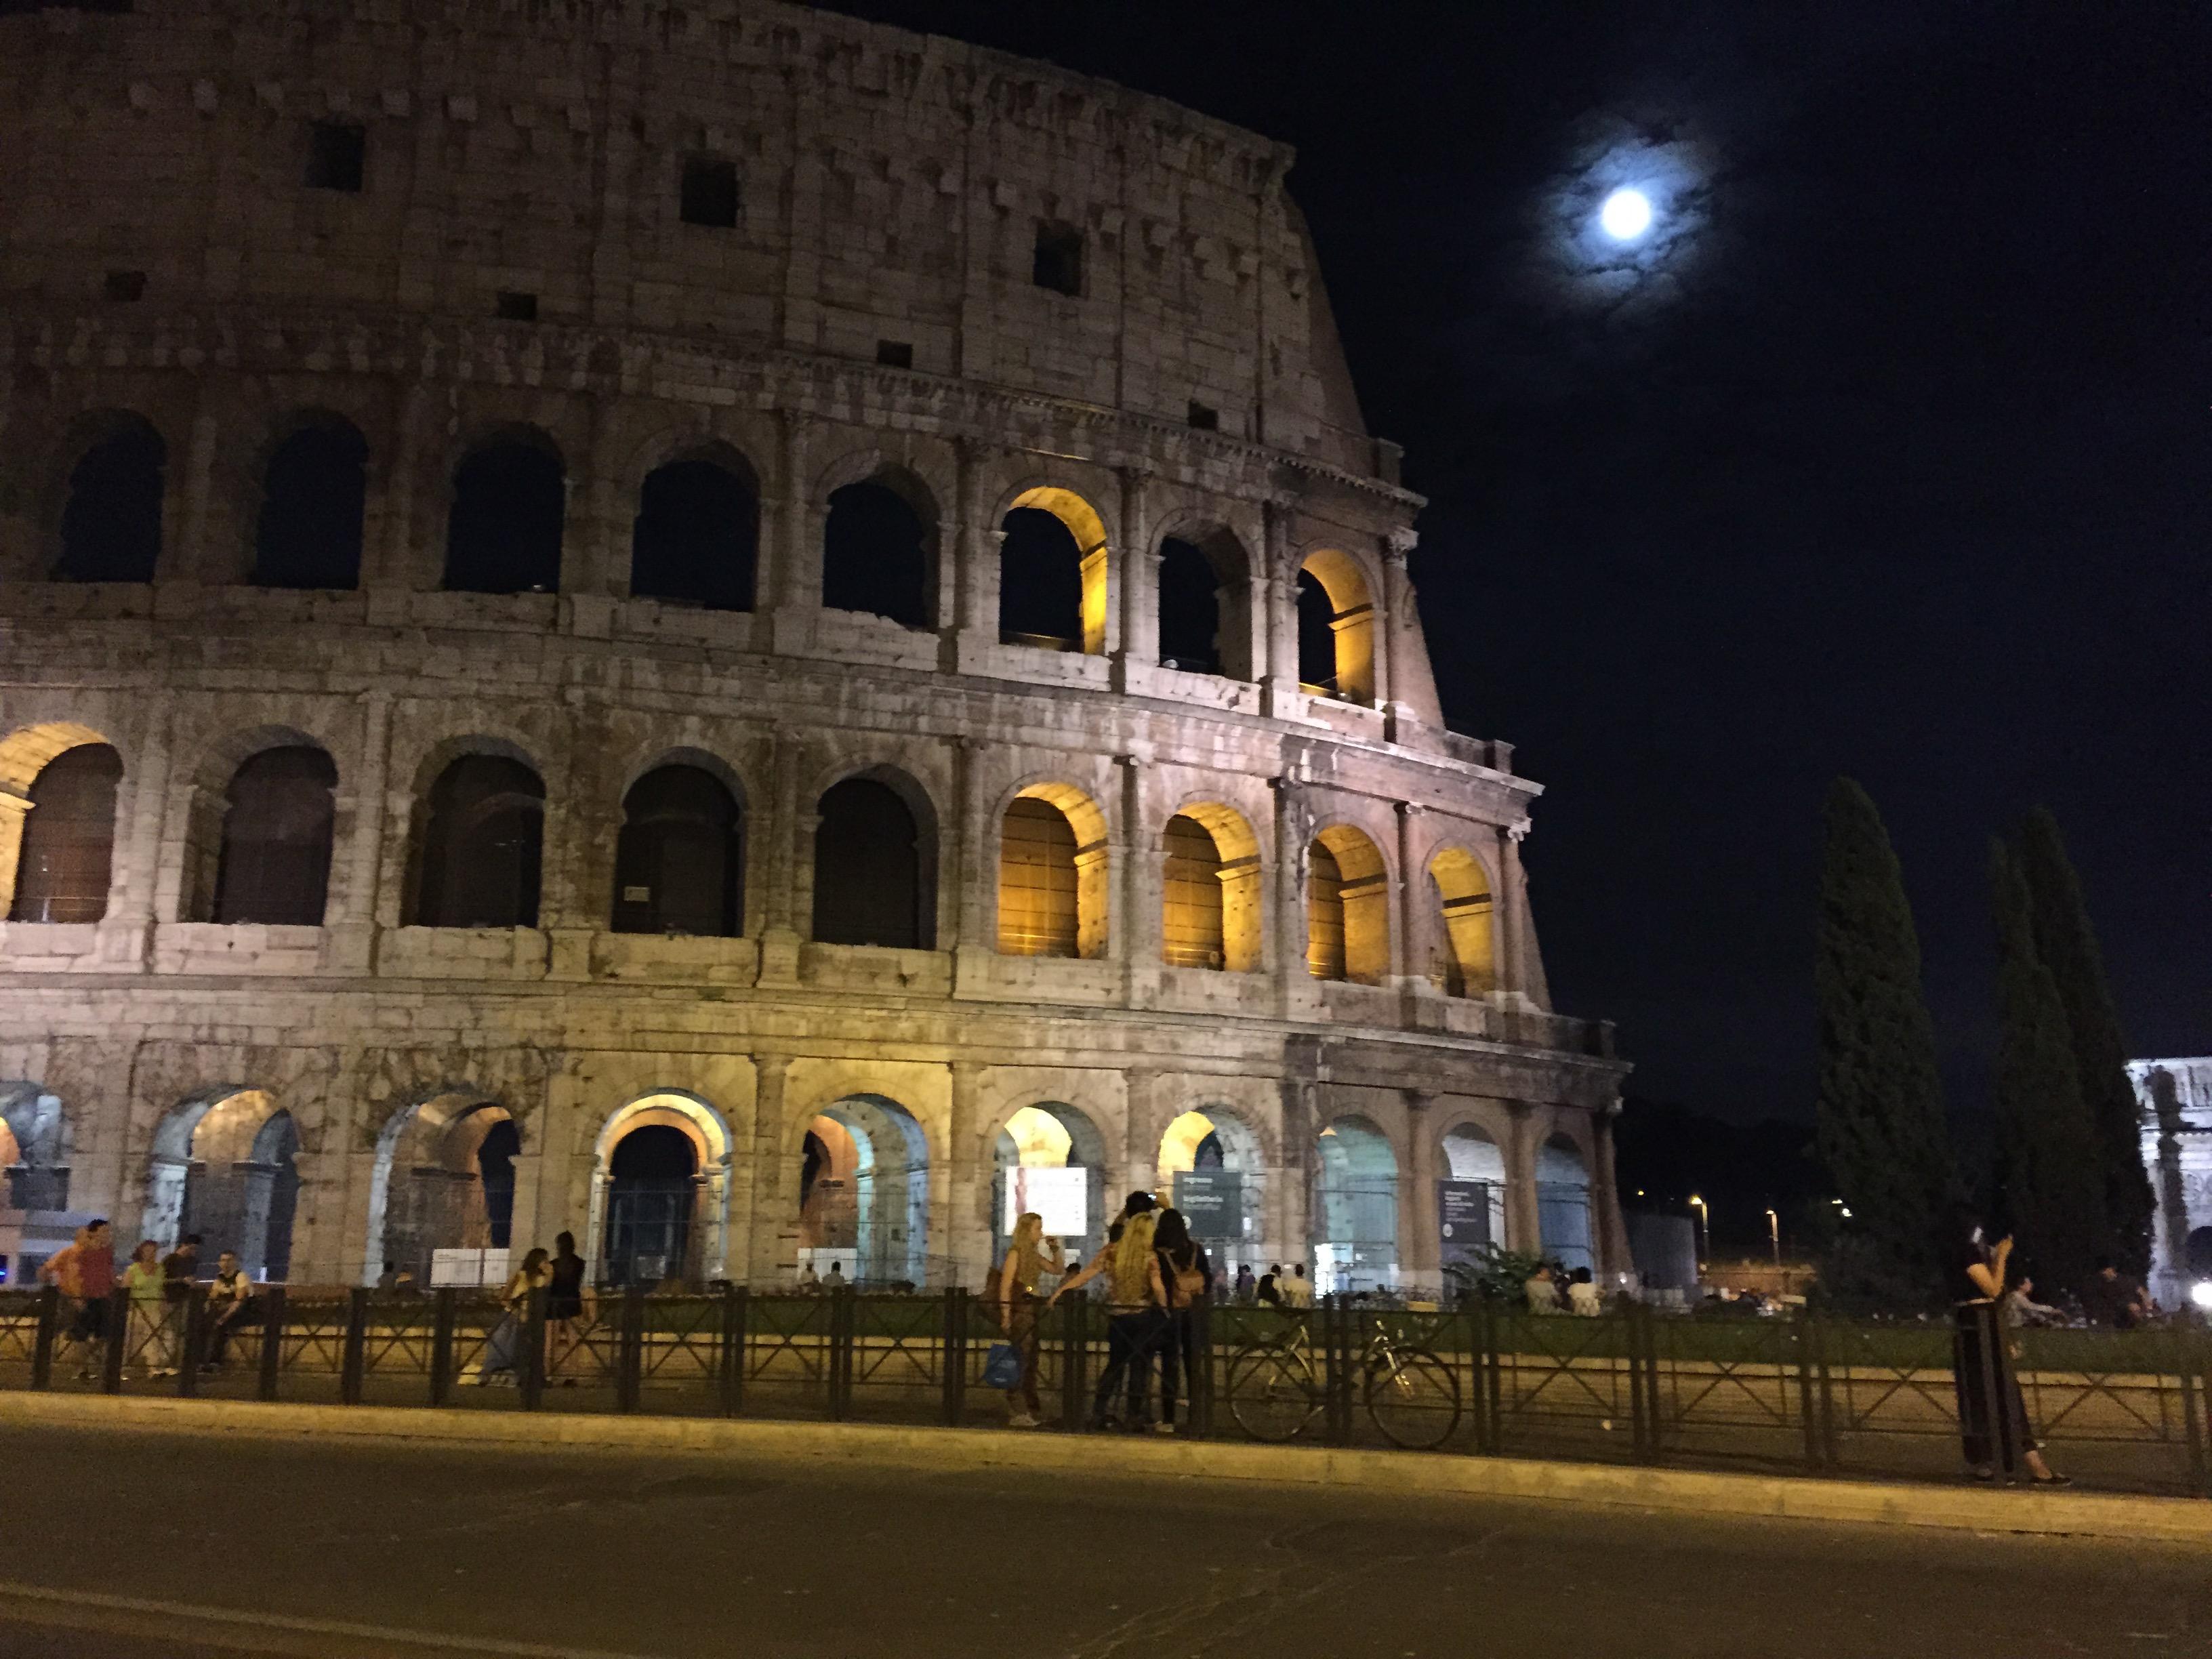 Vista nocturna de la nueva iluminación del Coliseo.